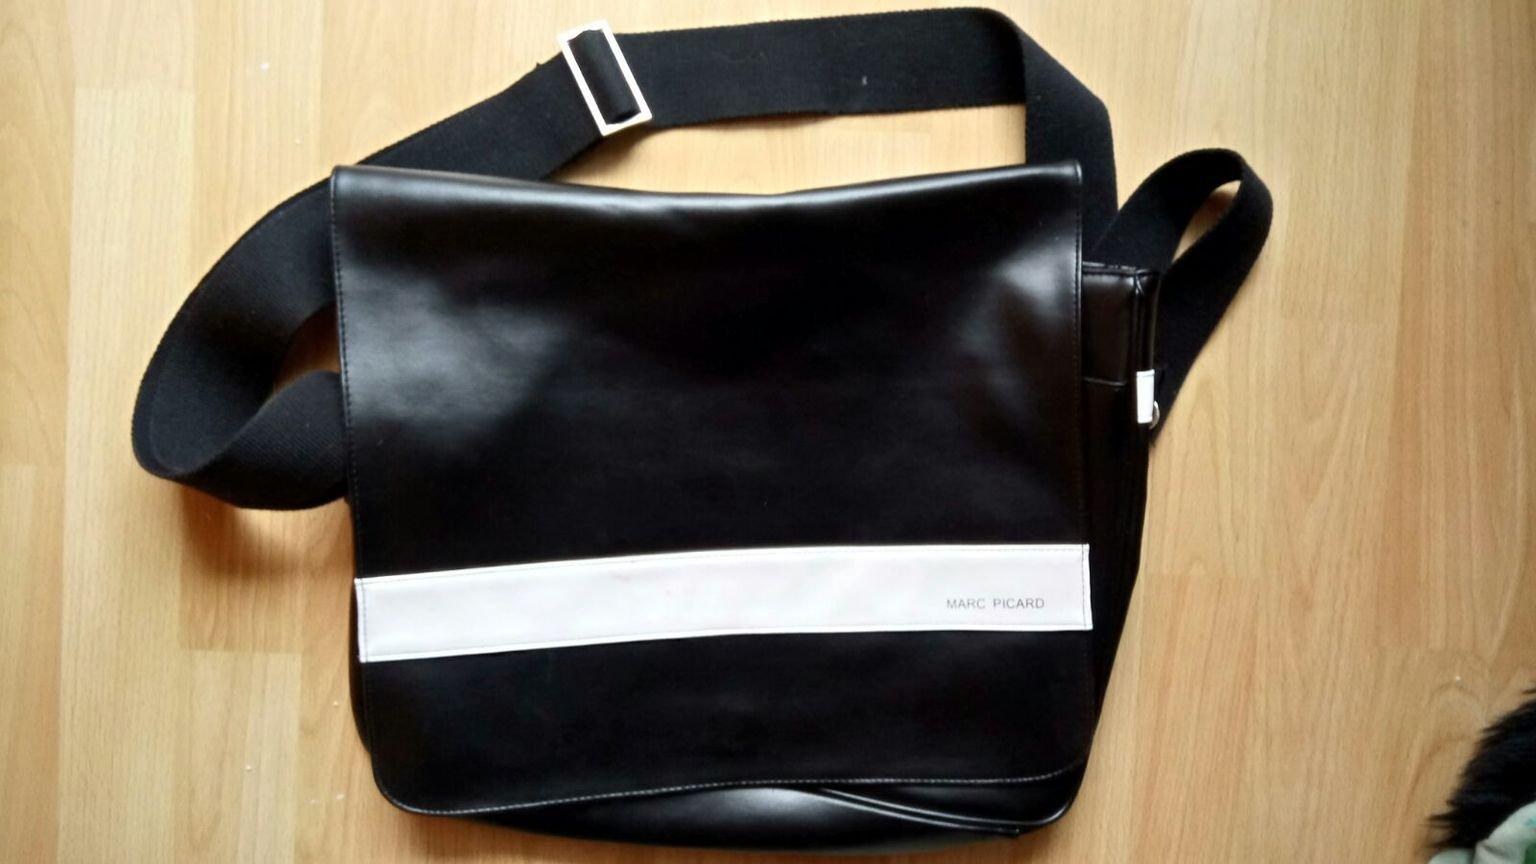 90036190a18e5 Handtasche von Marc Picard aus Kunstleder    Kleiderkorb.de